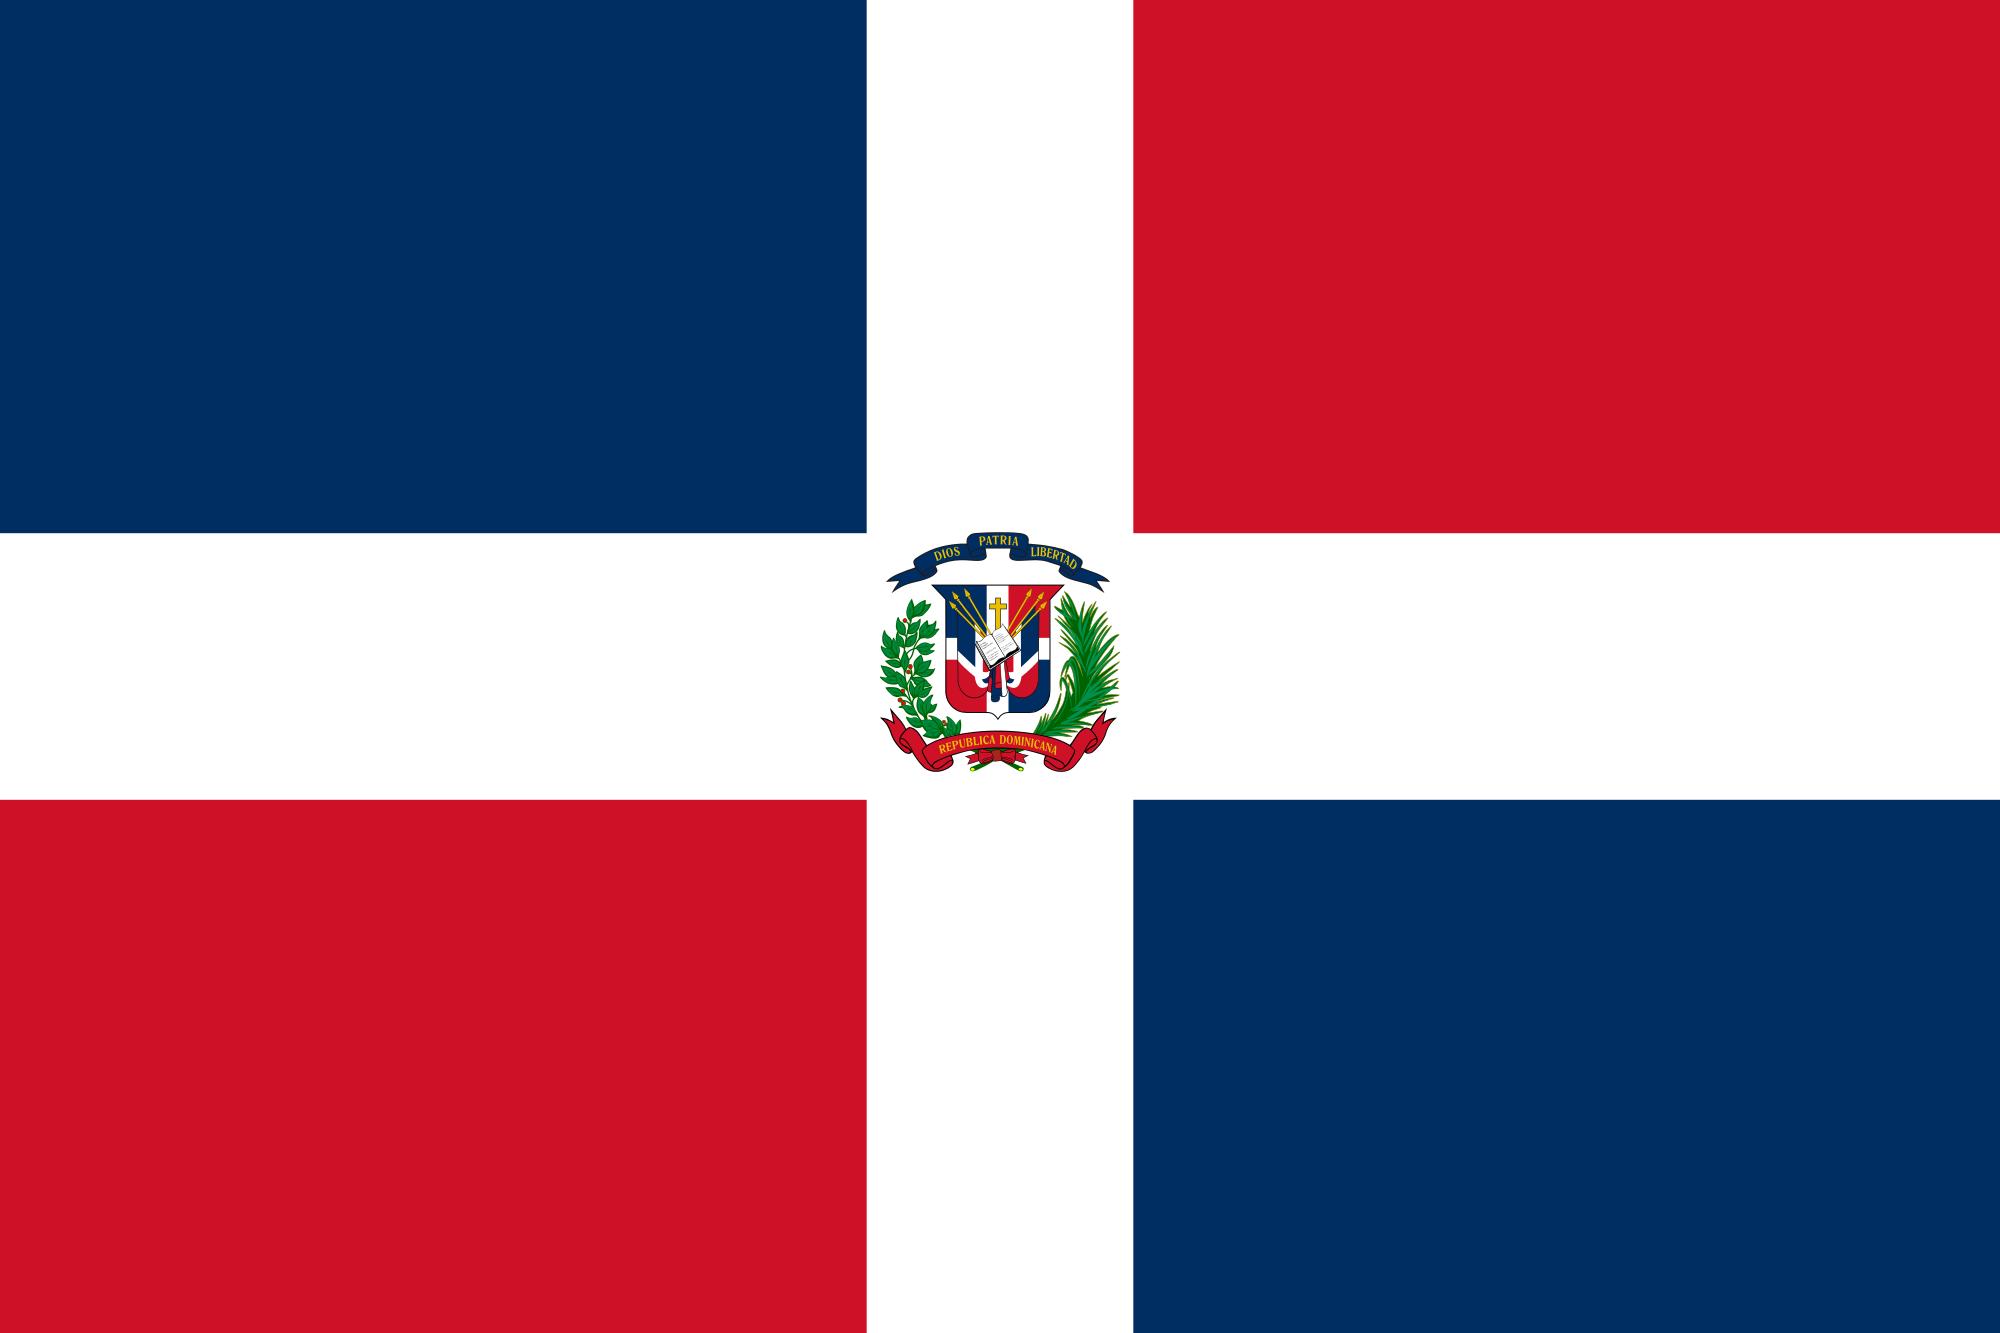 http://news.goldseek.com/2016/01.06.16/Dominican.png